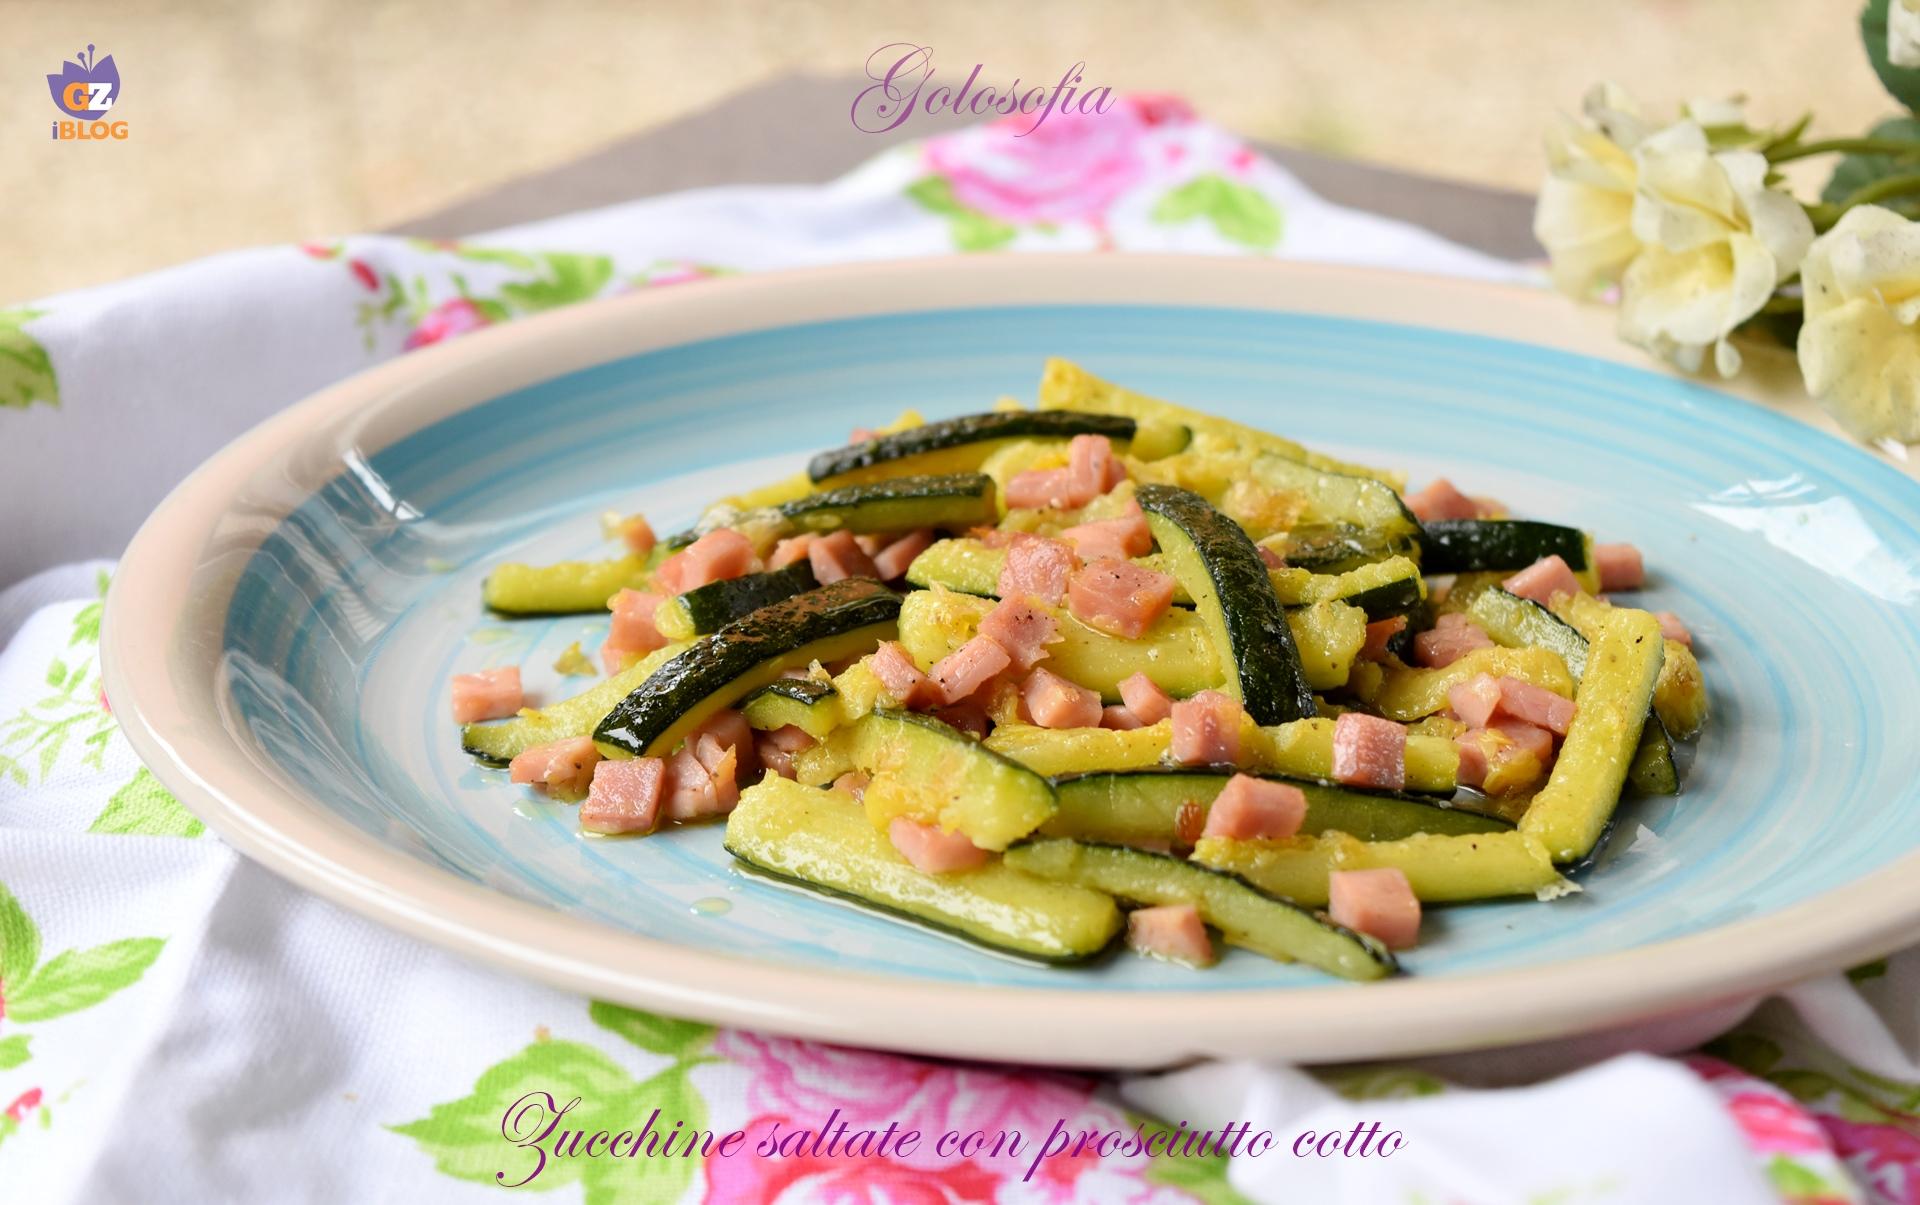 Zucchine saltate con prosciutto cotto-ricetta contorni-golosofia